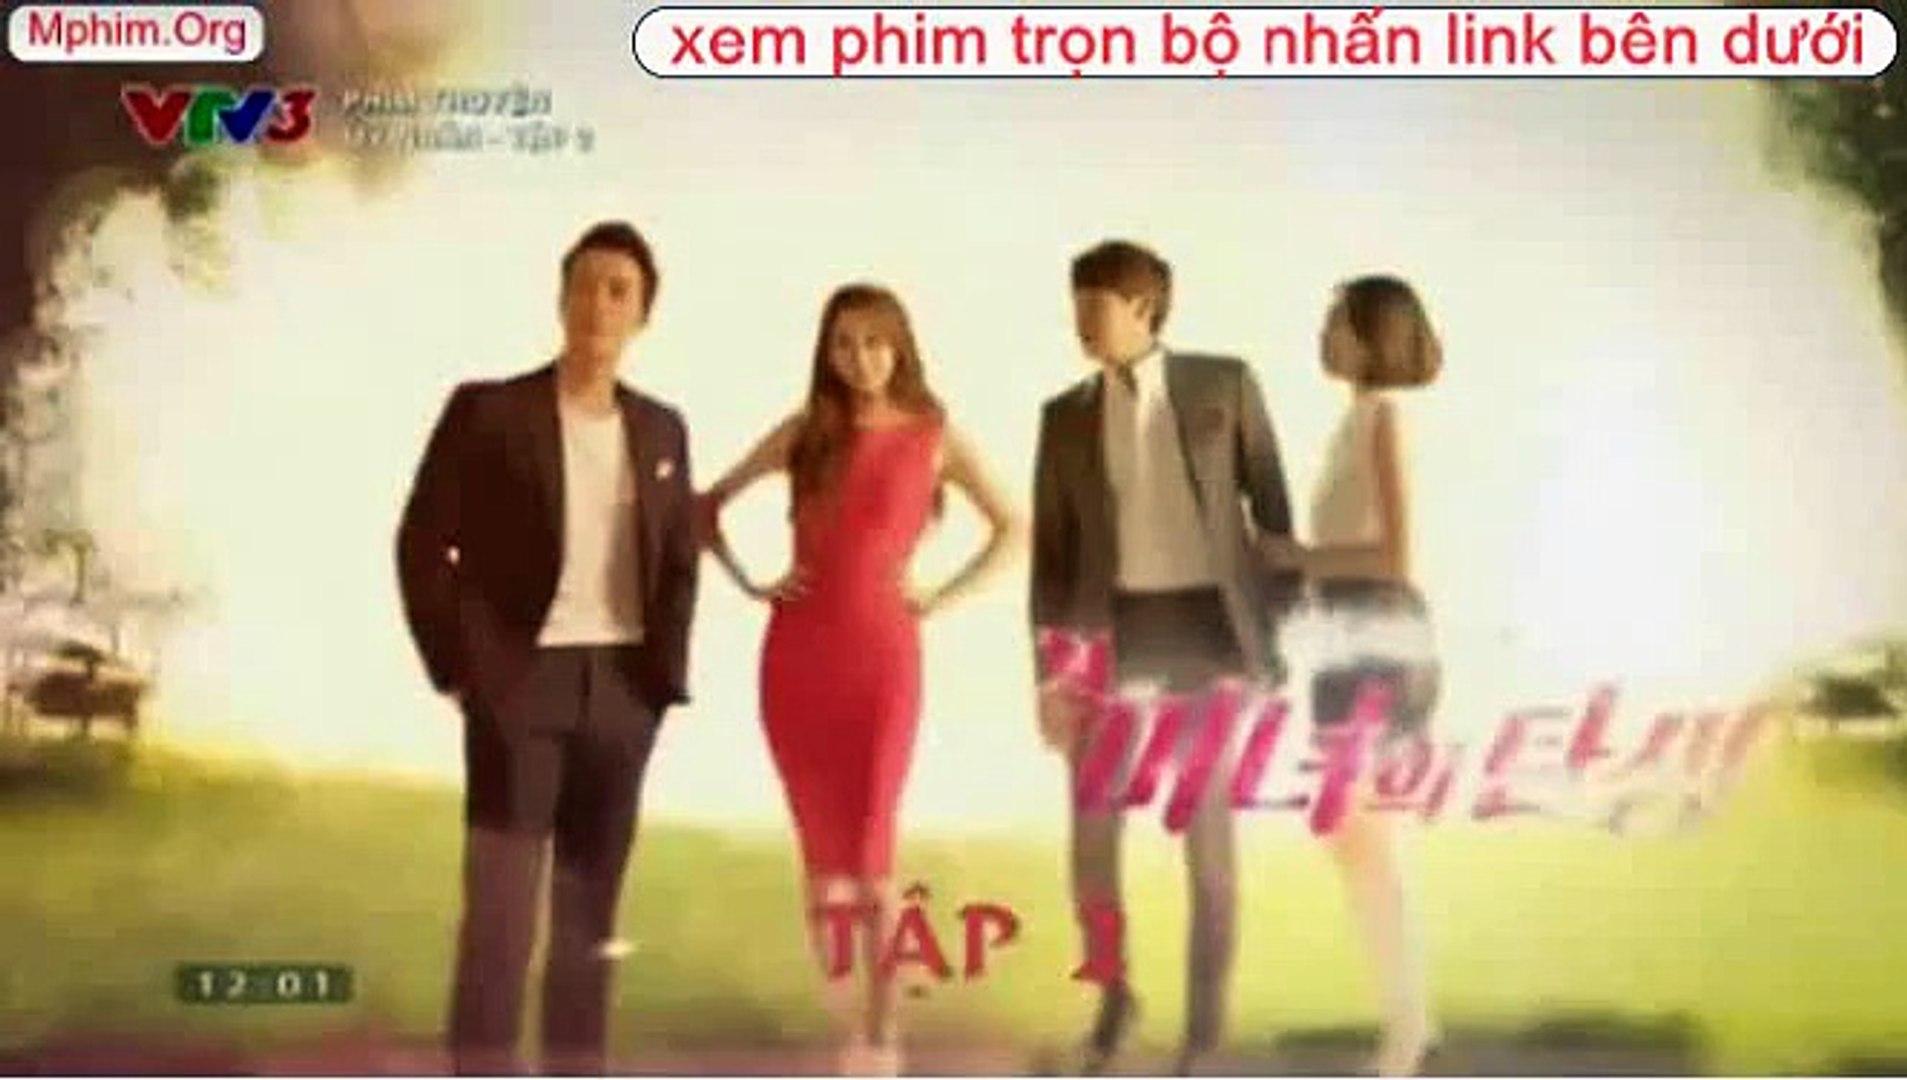 Phim Mỹ nhân | VTV3 | Tập 18 - Phim Hàn Quốc